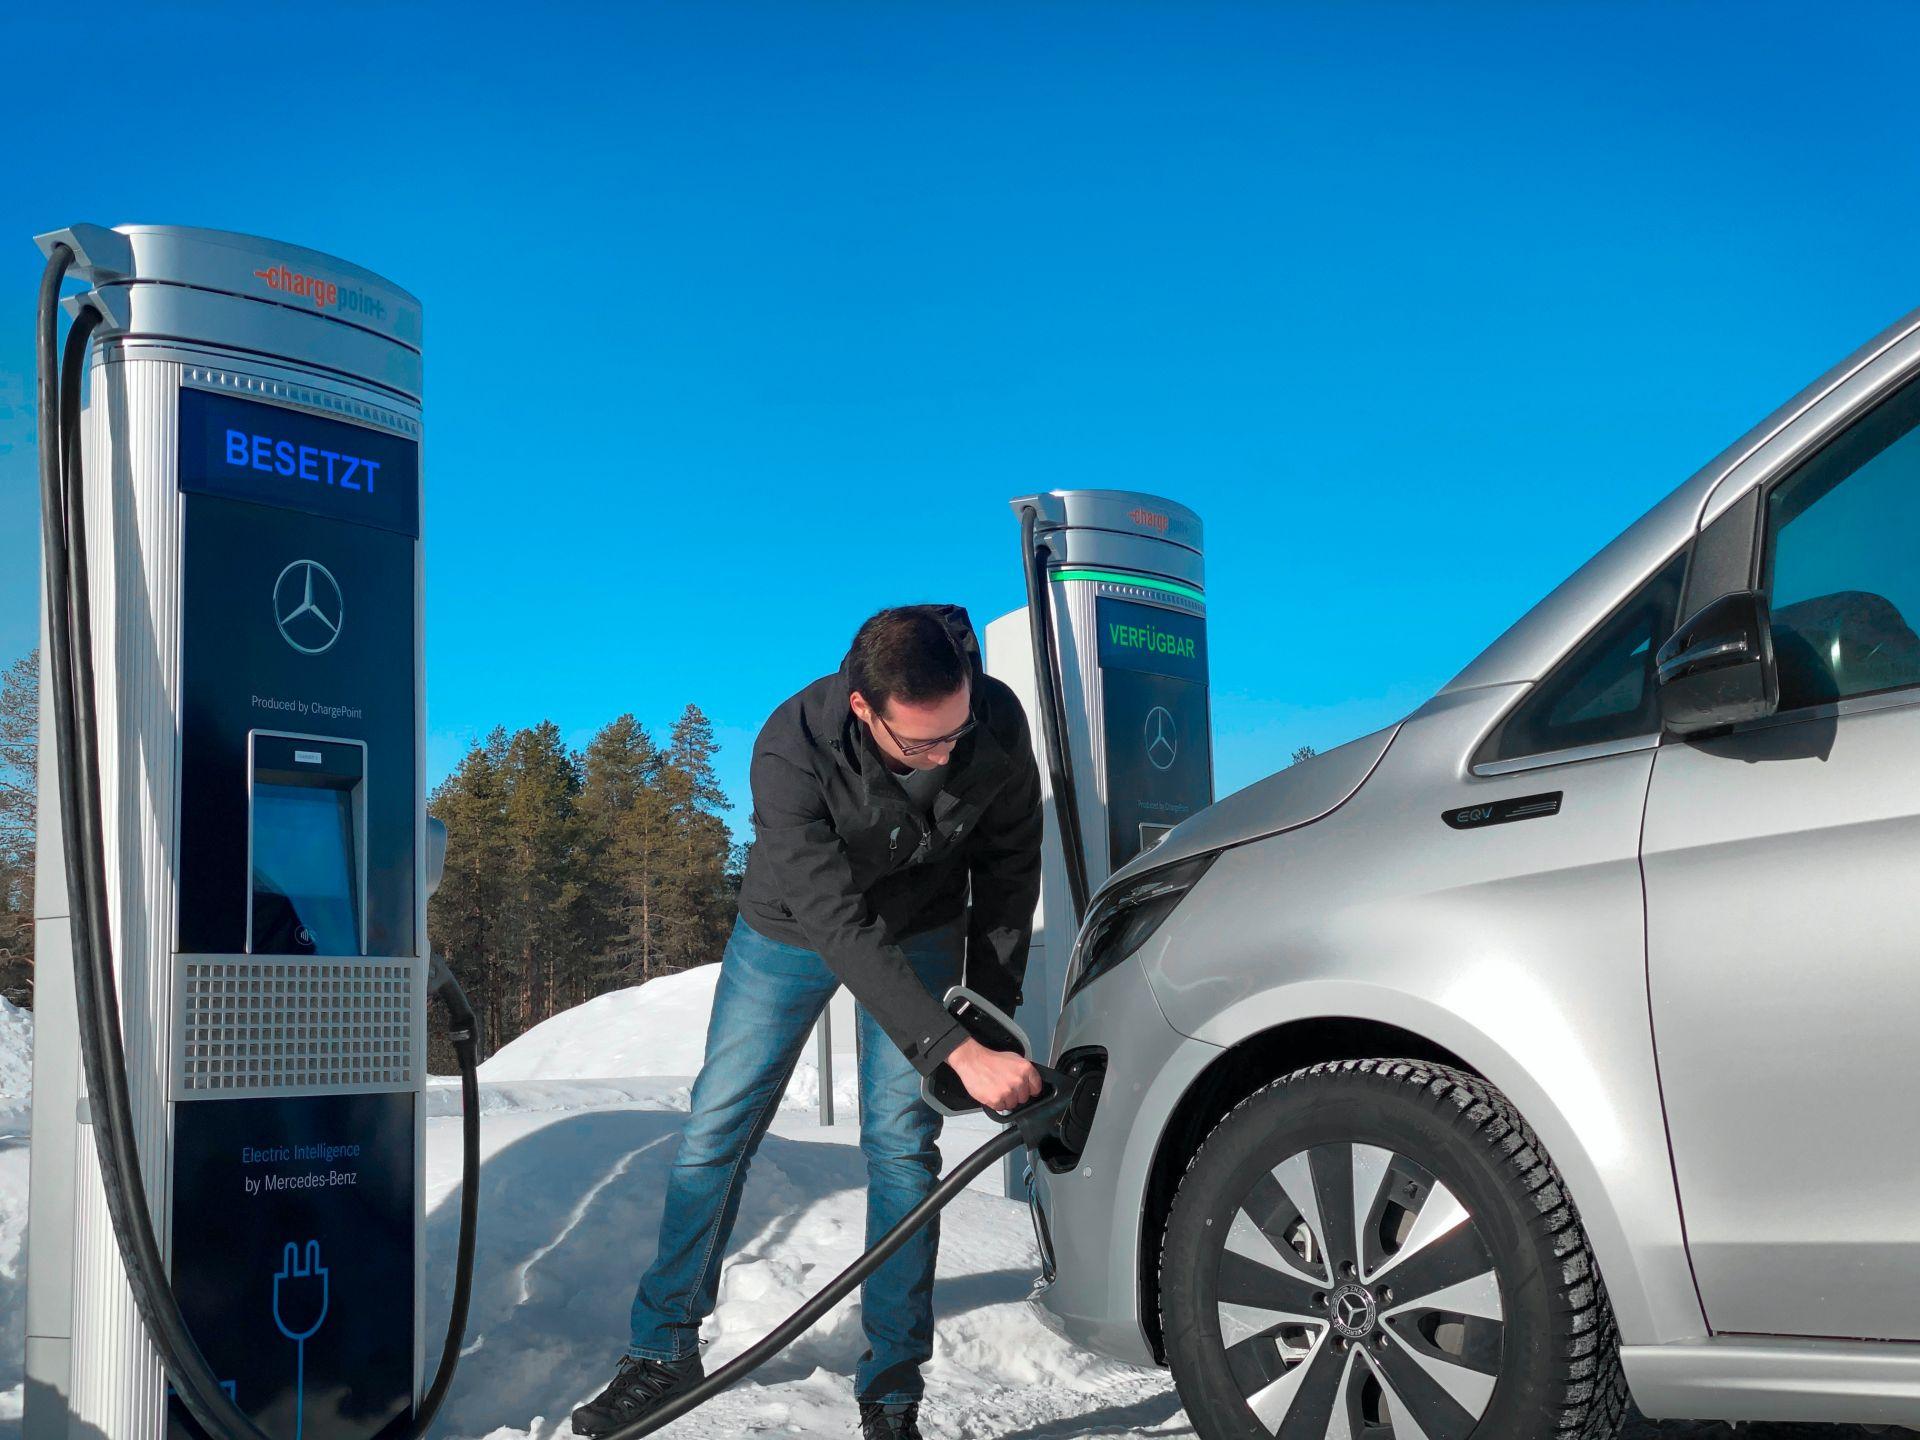 Mercedes entende que baterias orgânicas são tecnologia prometedora